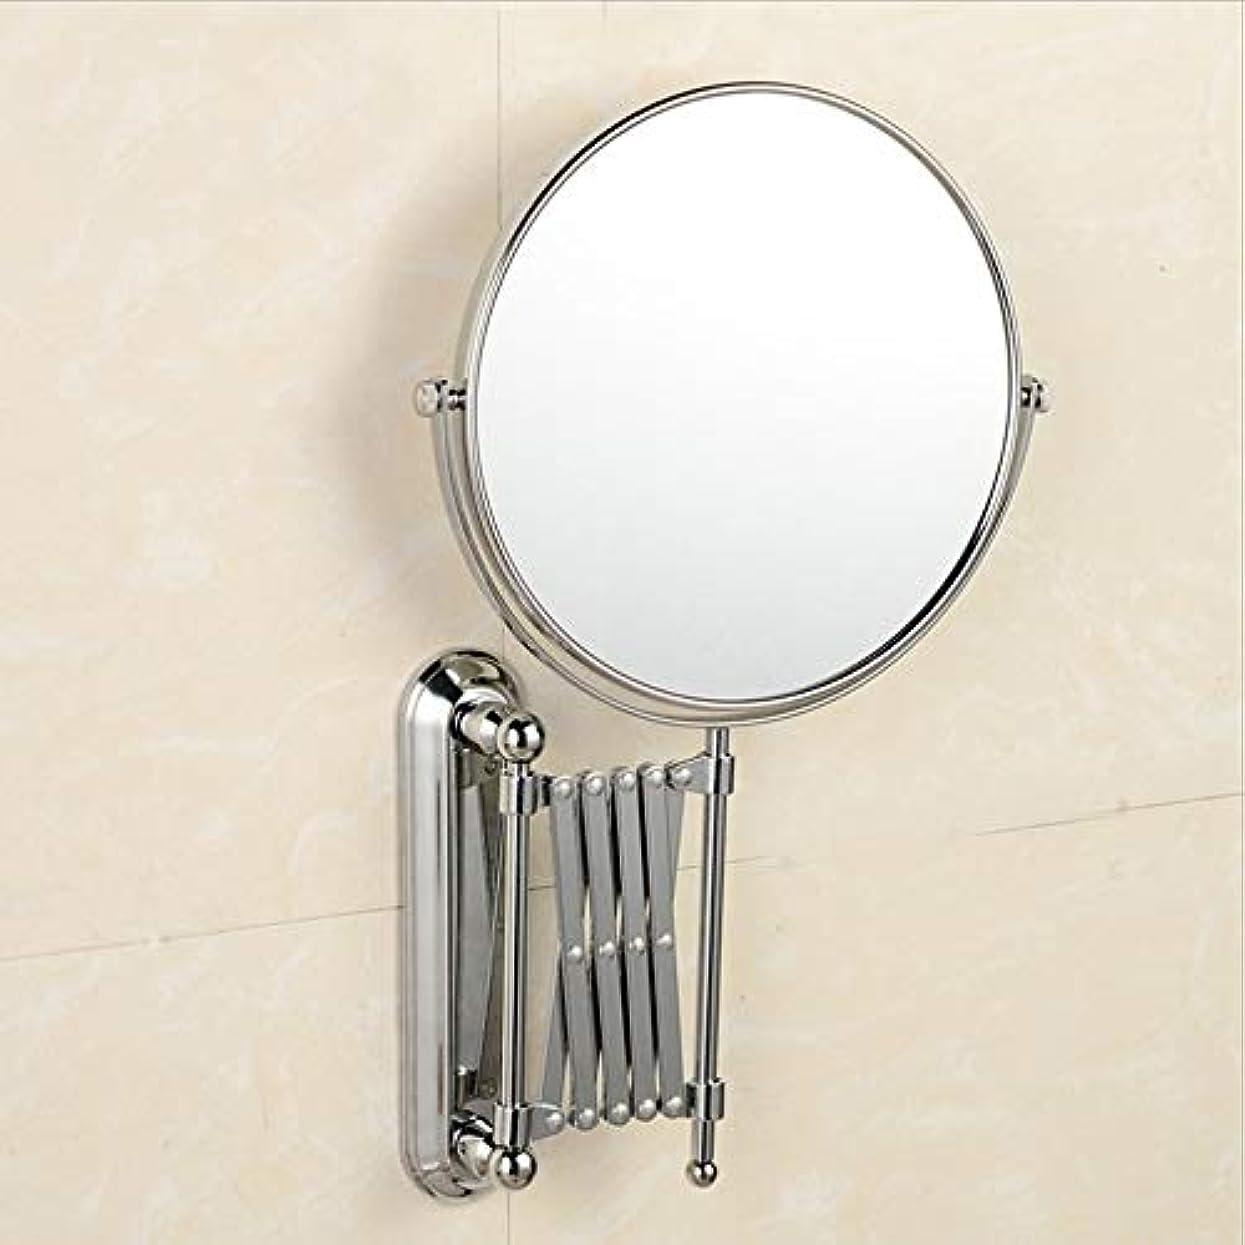 判決没頭するピービッシュ流行の 両面美容化粧鏡折りたたみ美容鏡浴室美容化粧鏡ステンレス鋼6インチシルバー